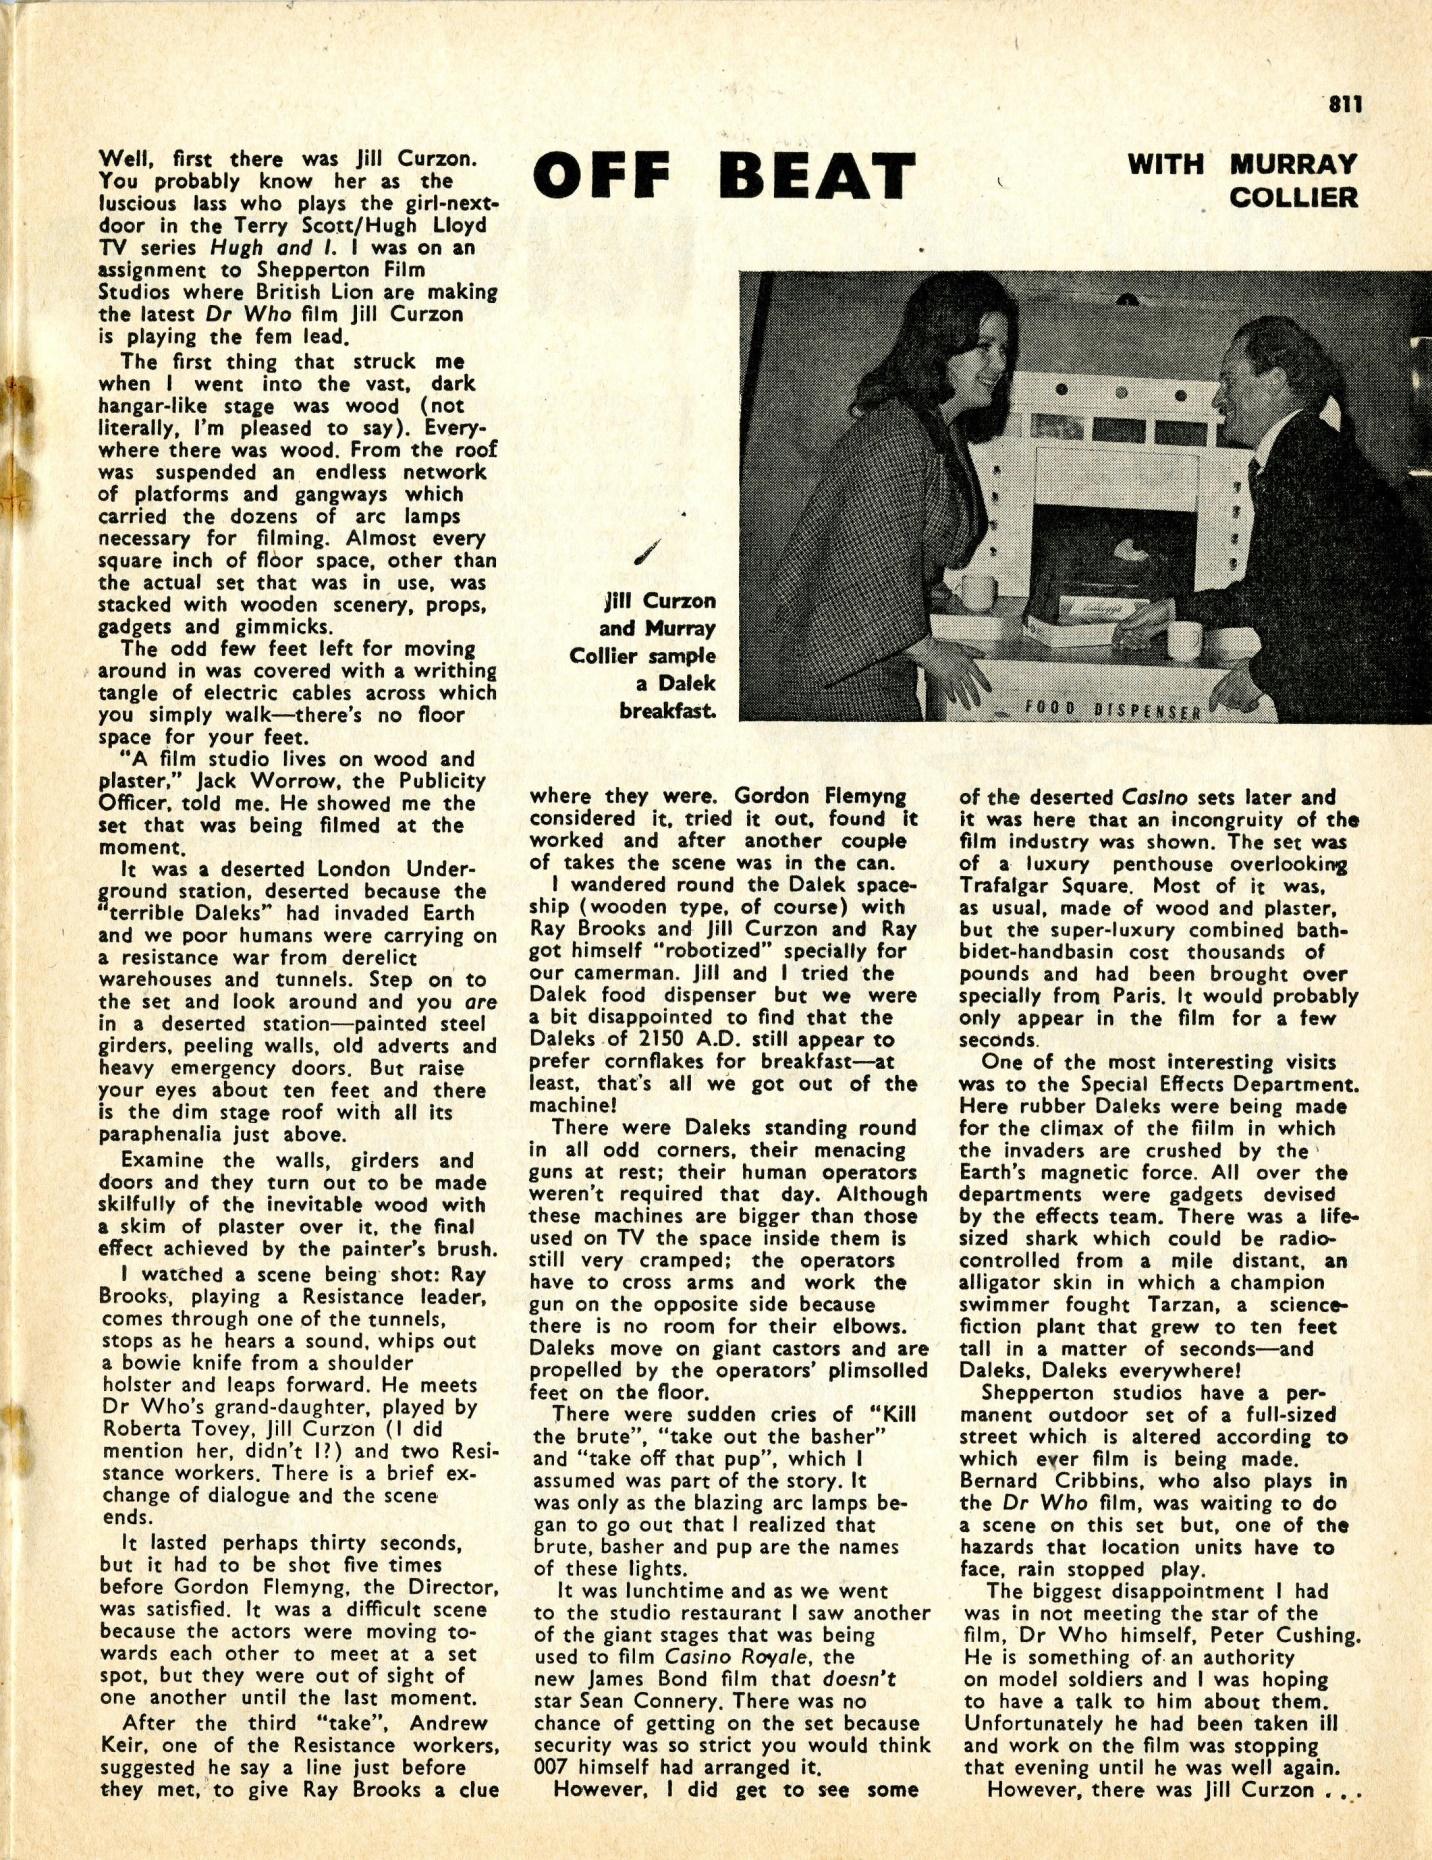 The Scout, 9 April 1966